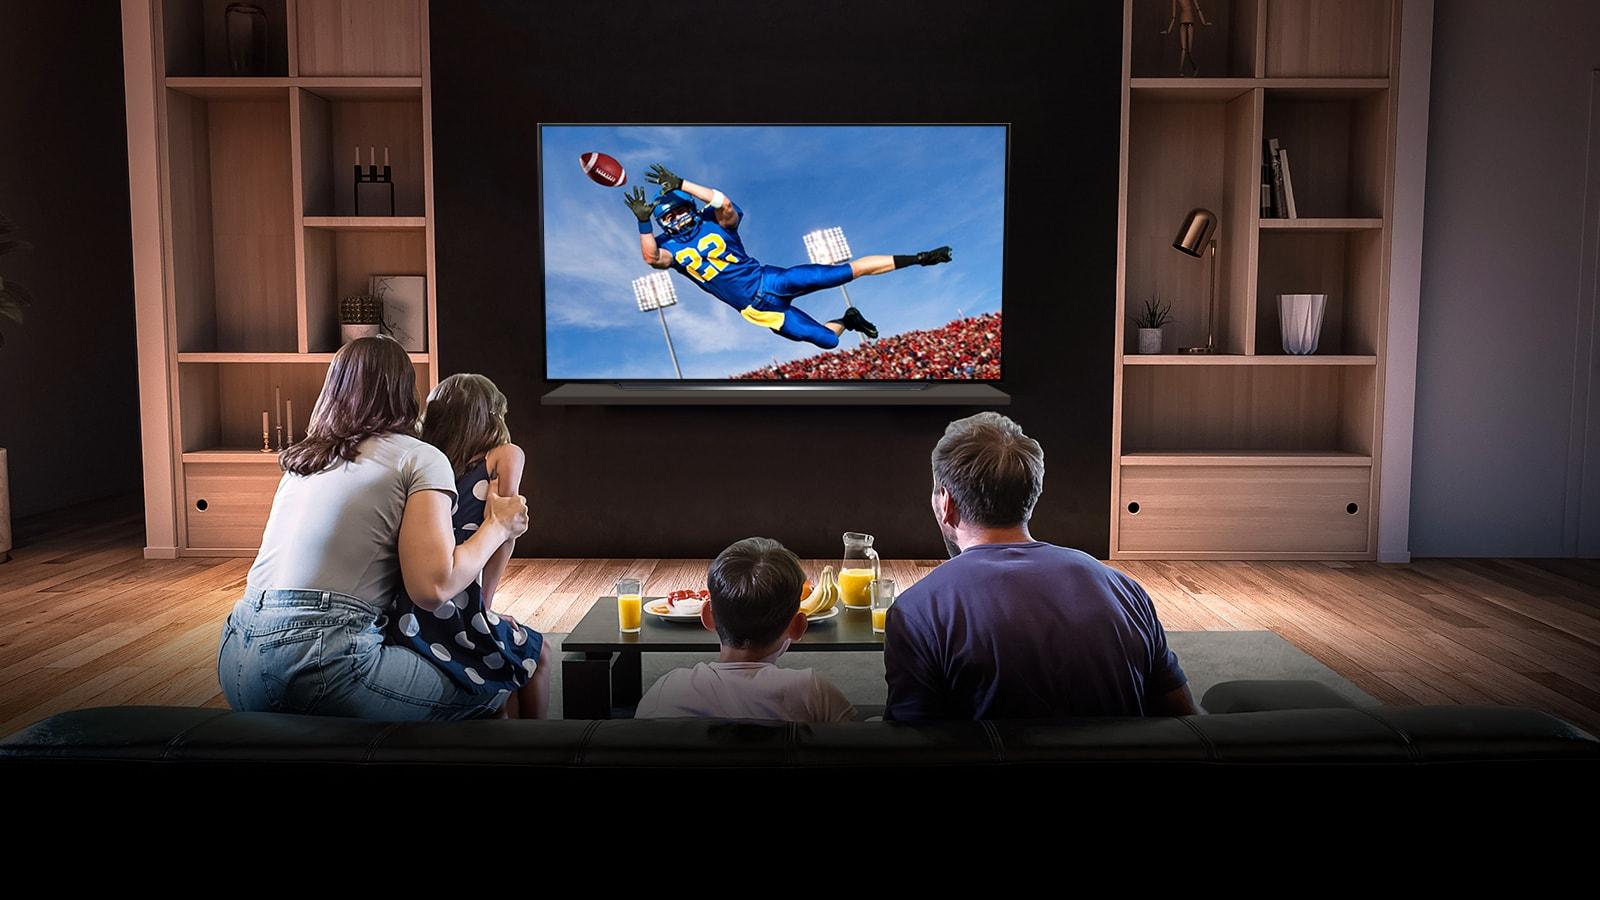 Pessoas assistindo a um jogo de futebol americano na TV em uma sala de estar